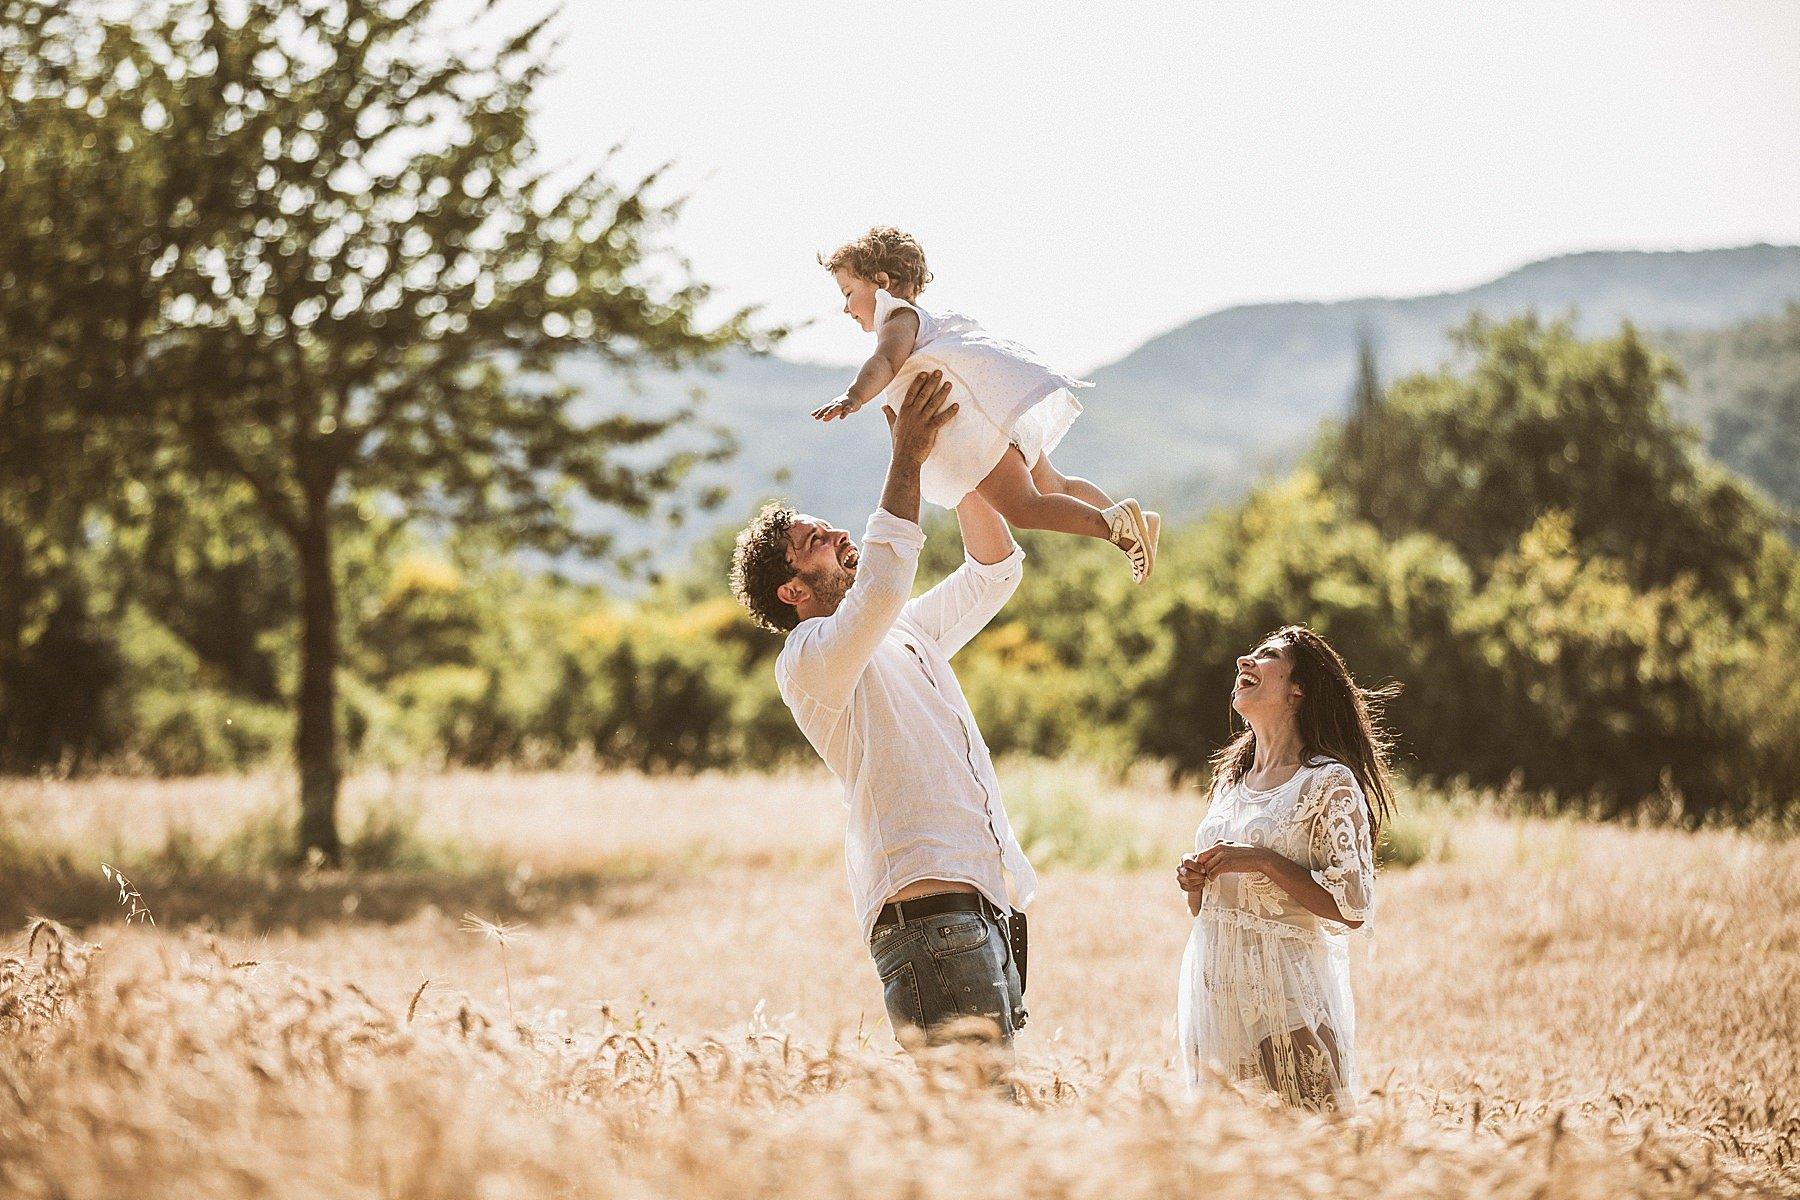 servizio fotografico di famiglia nel grano